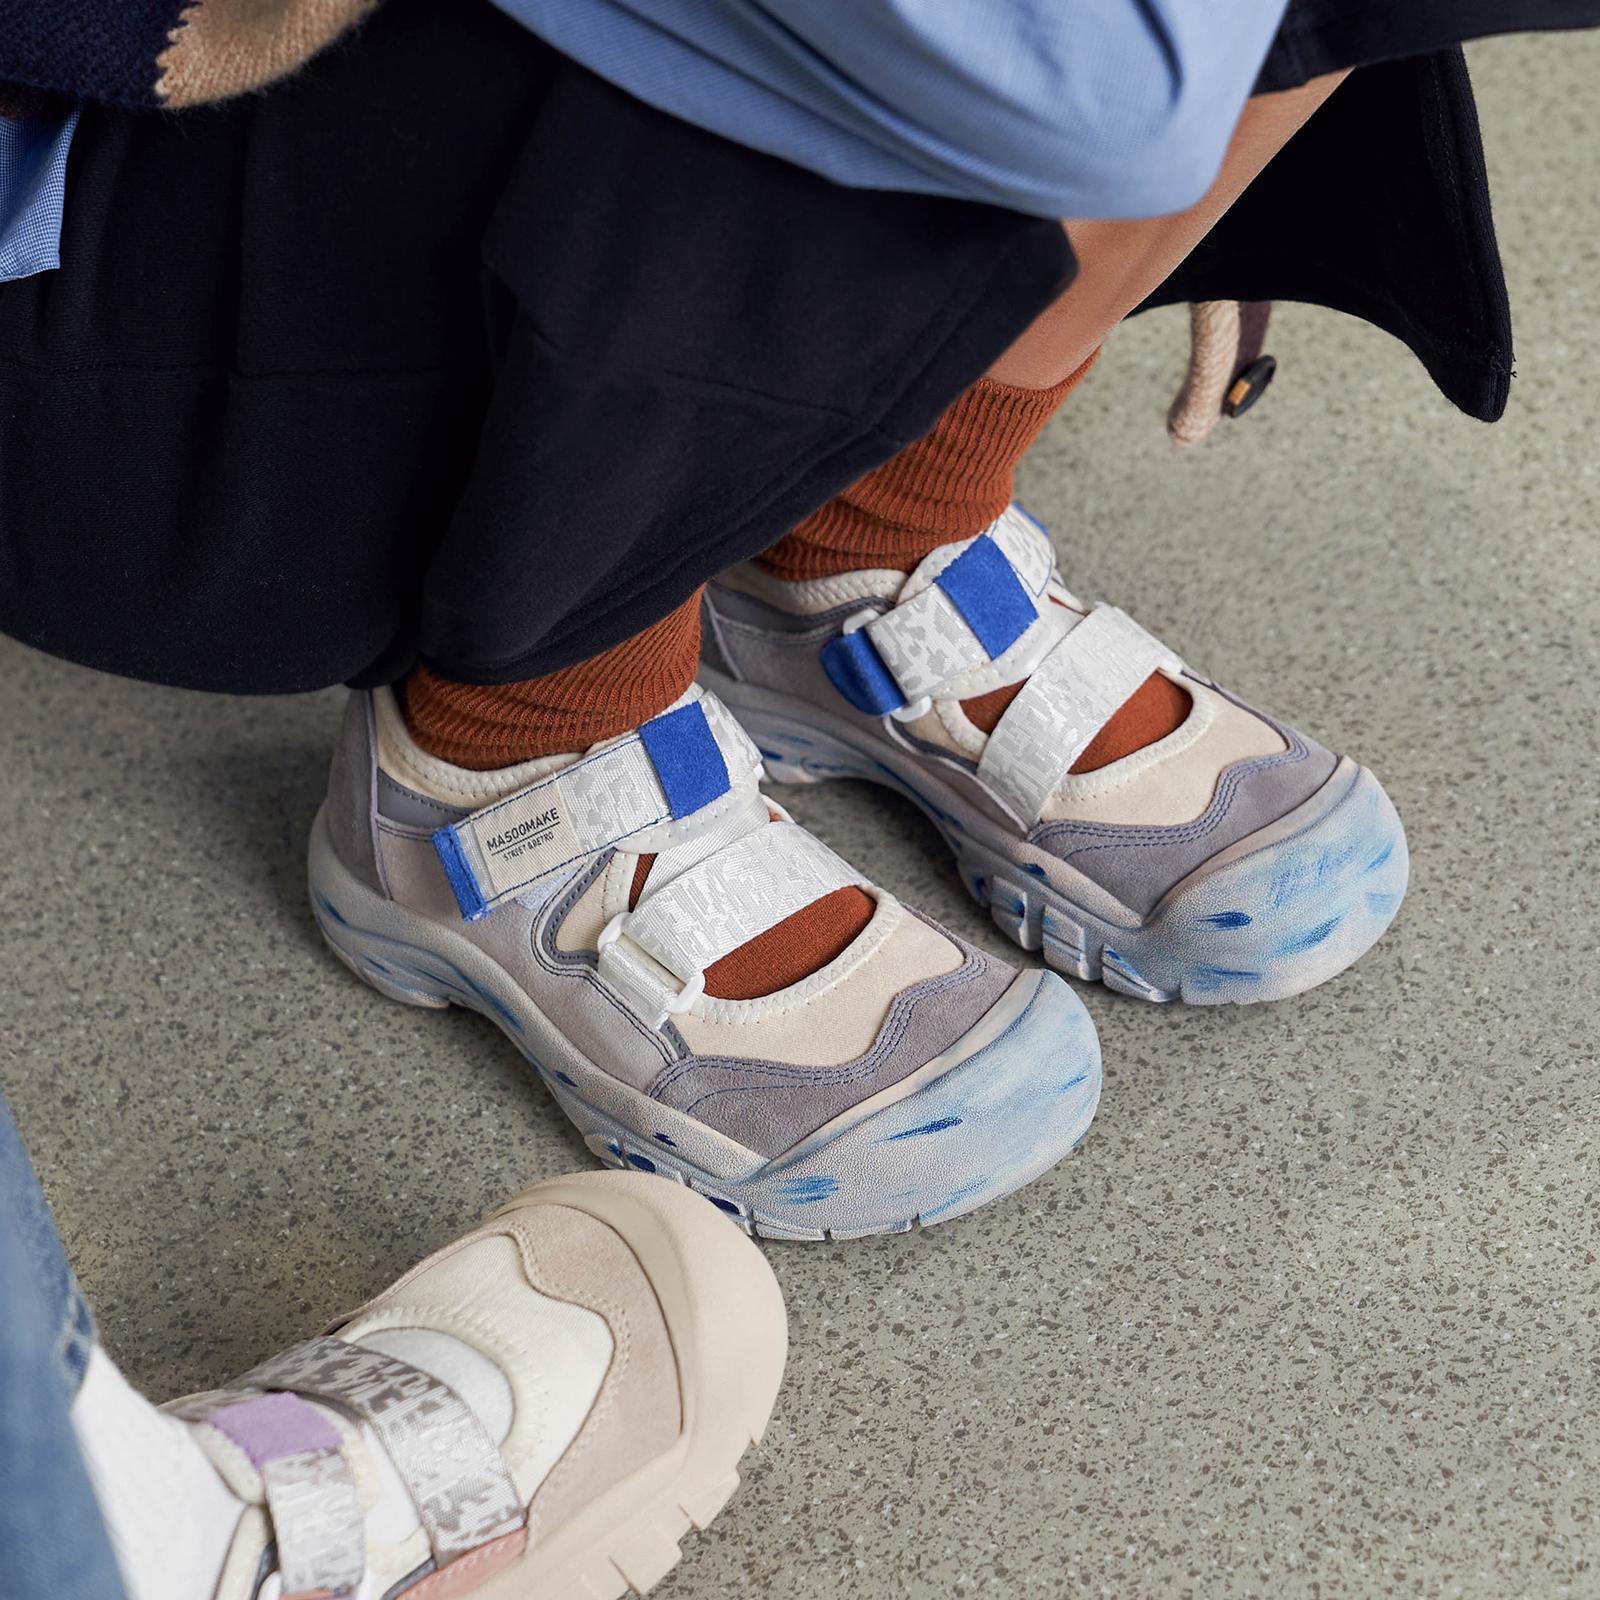 玛速主义 丑萌魔术贴老爹鞋女夏大头鞋ins潮网红休闲娃娃鞋运动鞋 No.3